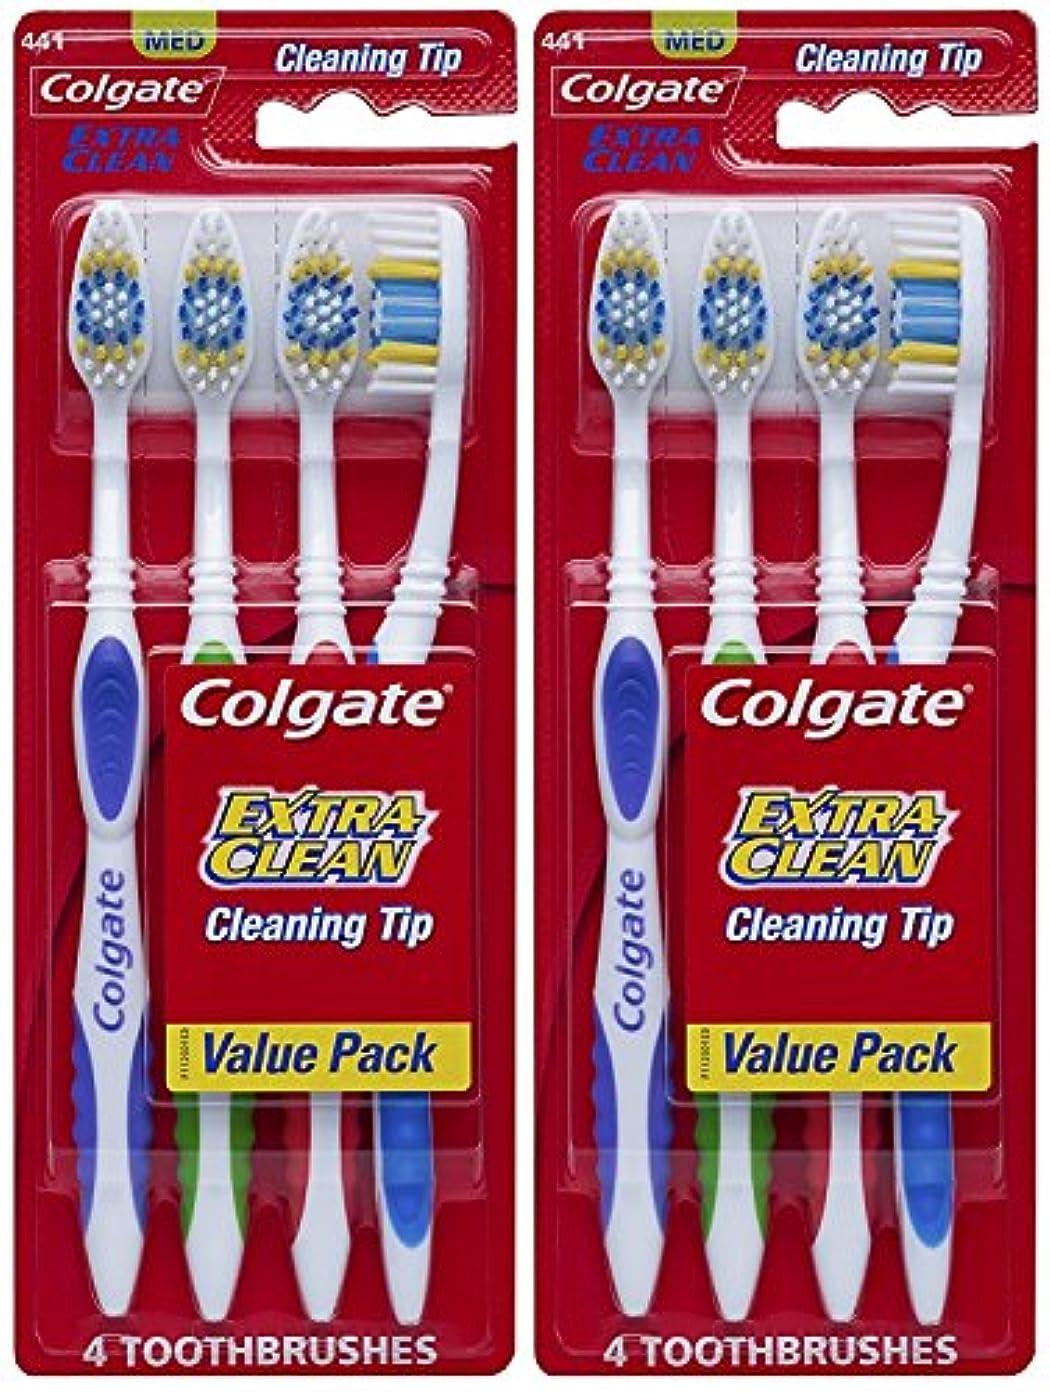 気絶させる北へ家事をするColgate エクストラクリーン完全な頭部、ミディアム歯ブラシ、4-カウント(2パック)合計8歯ブラシ 8カウント